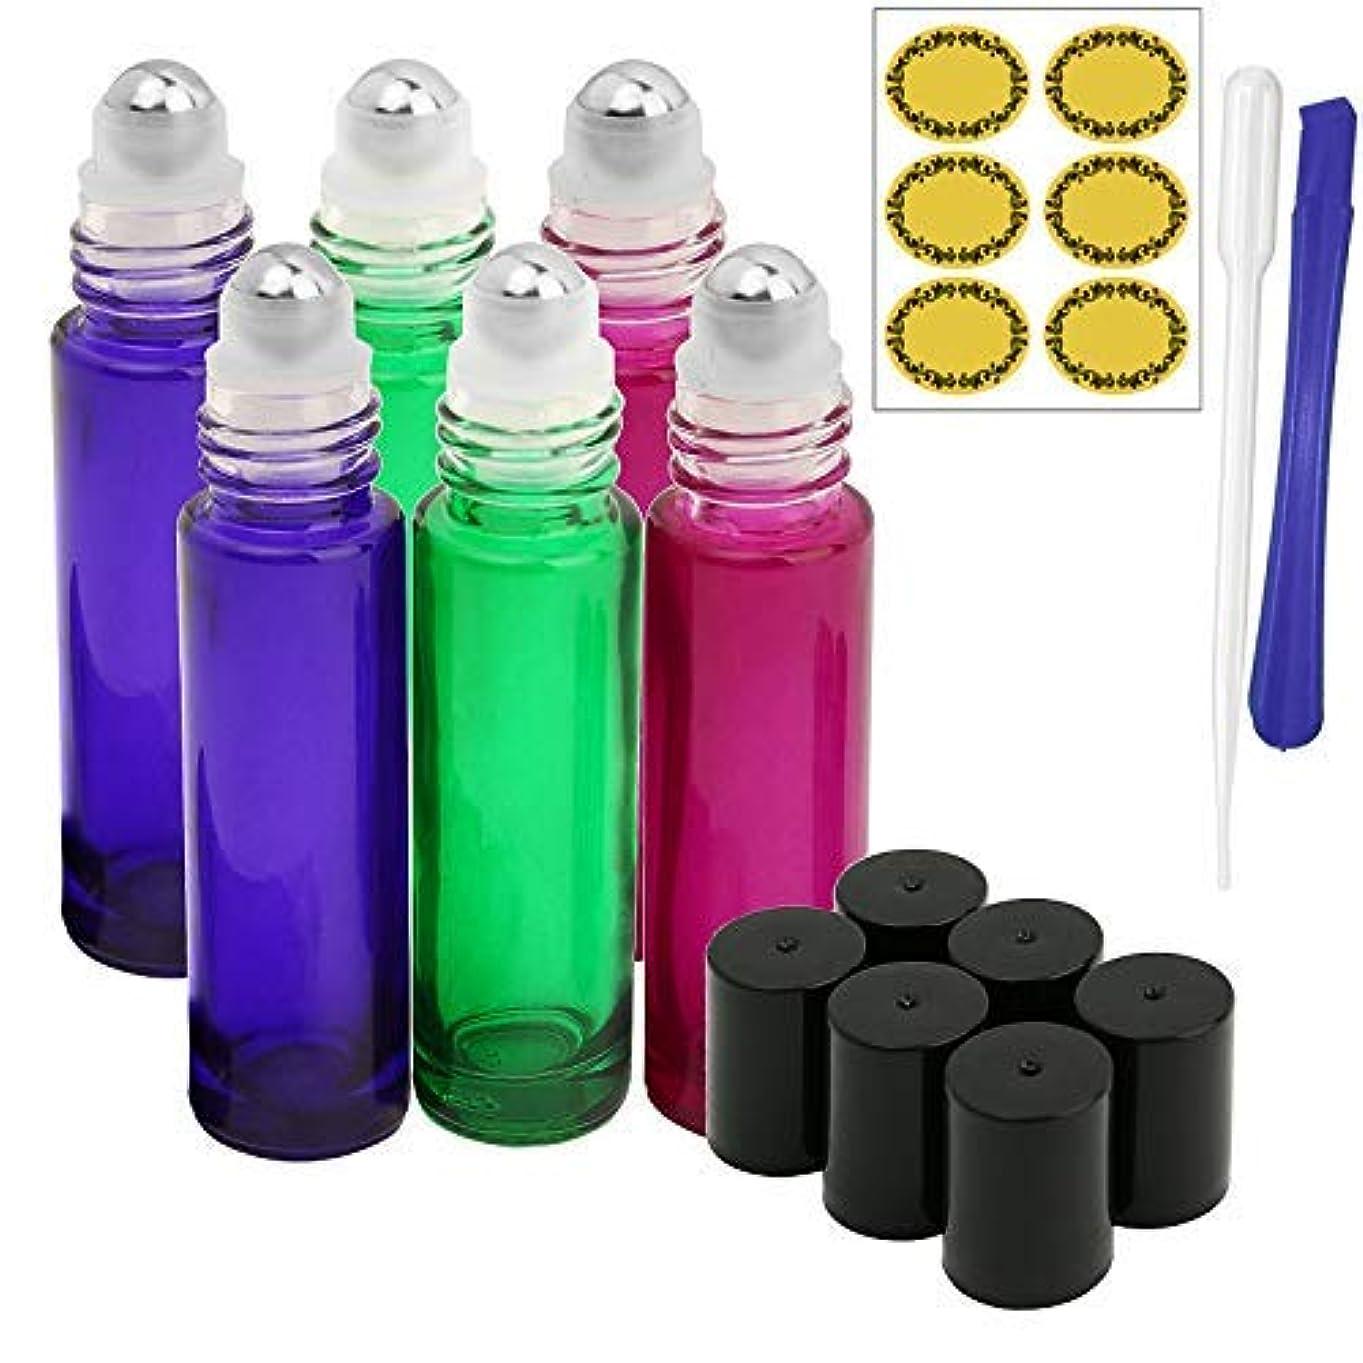 ヒョウ伝統フェンス6, 10ml Roller Bottles for Essential Oils - Gradient Color Glass Refillable Roller on Bottles with 1 Opener, 1...